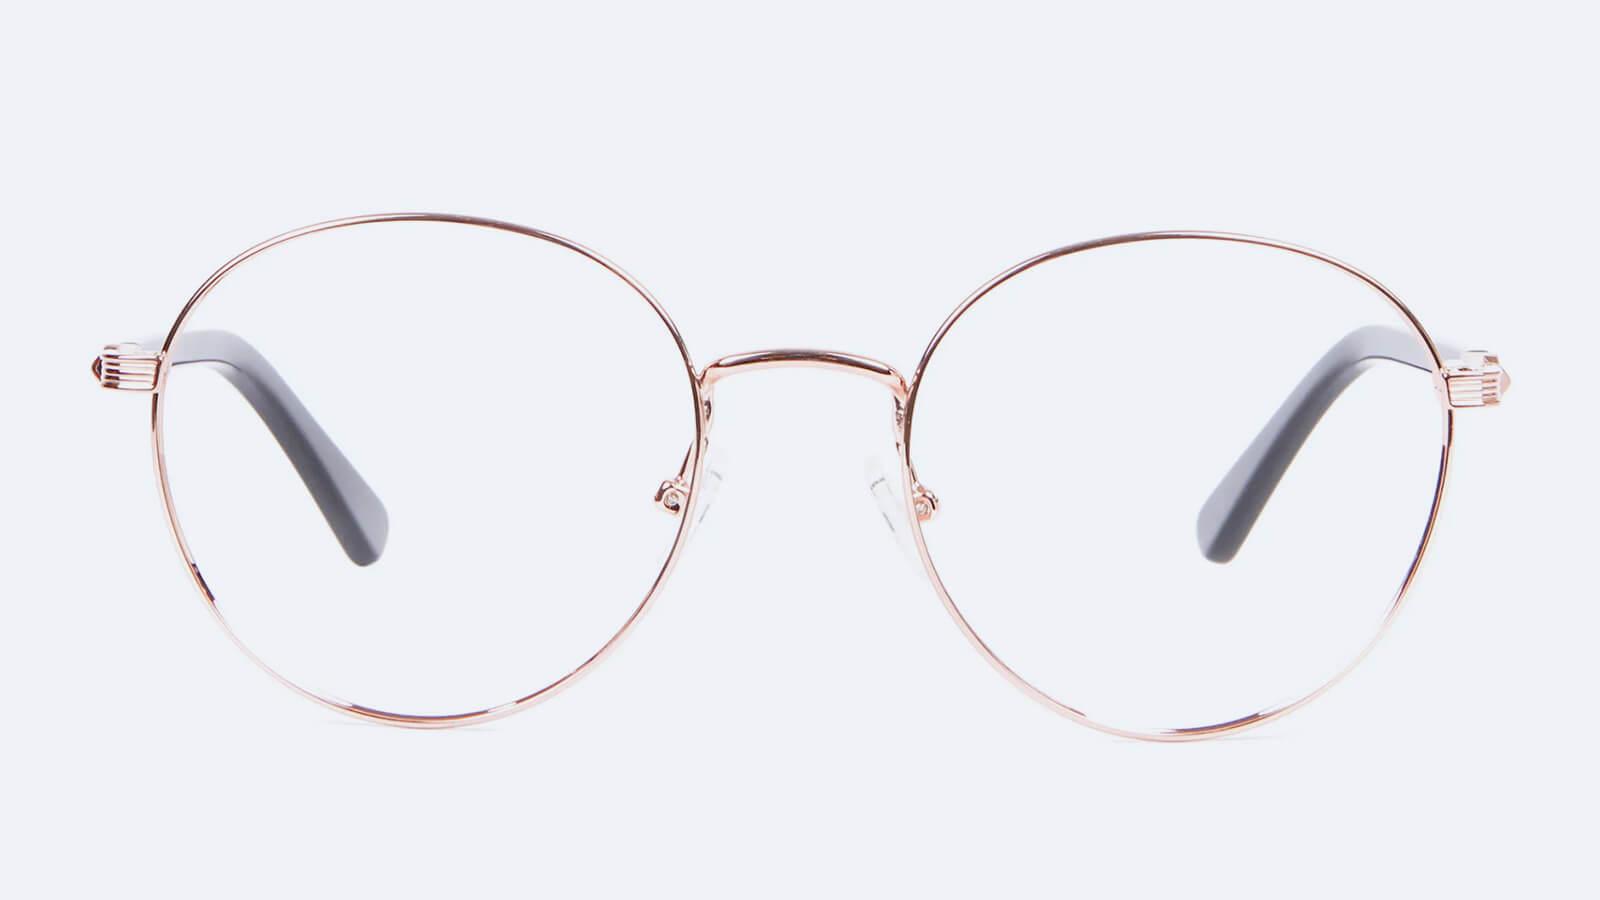 Retro Round Glasses